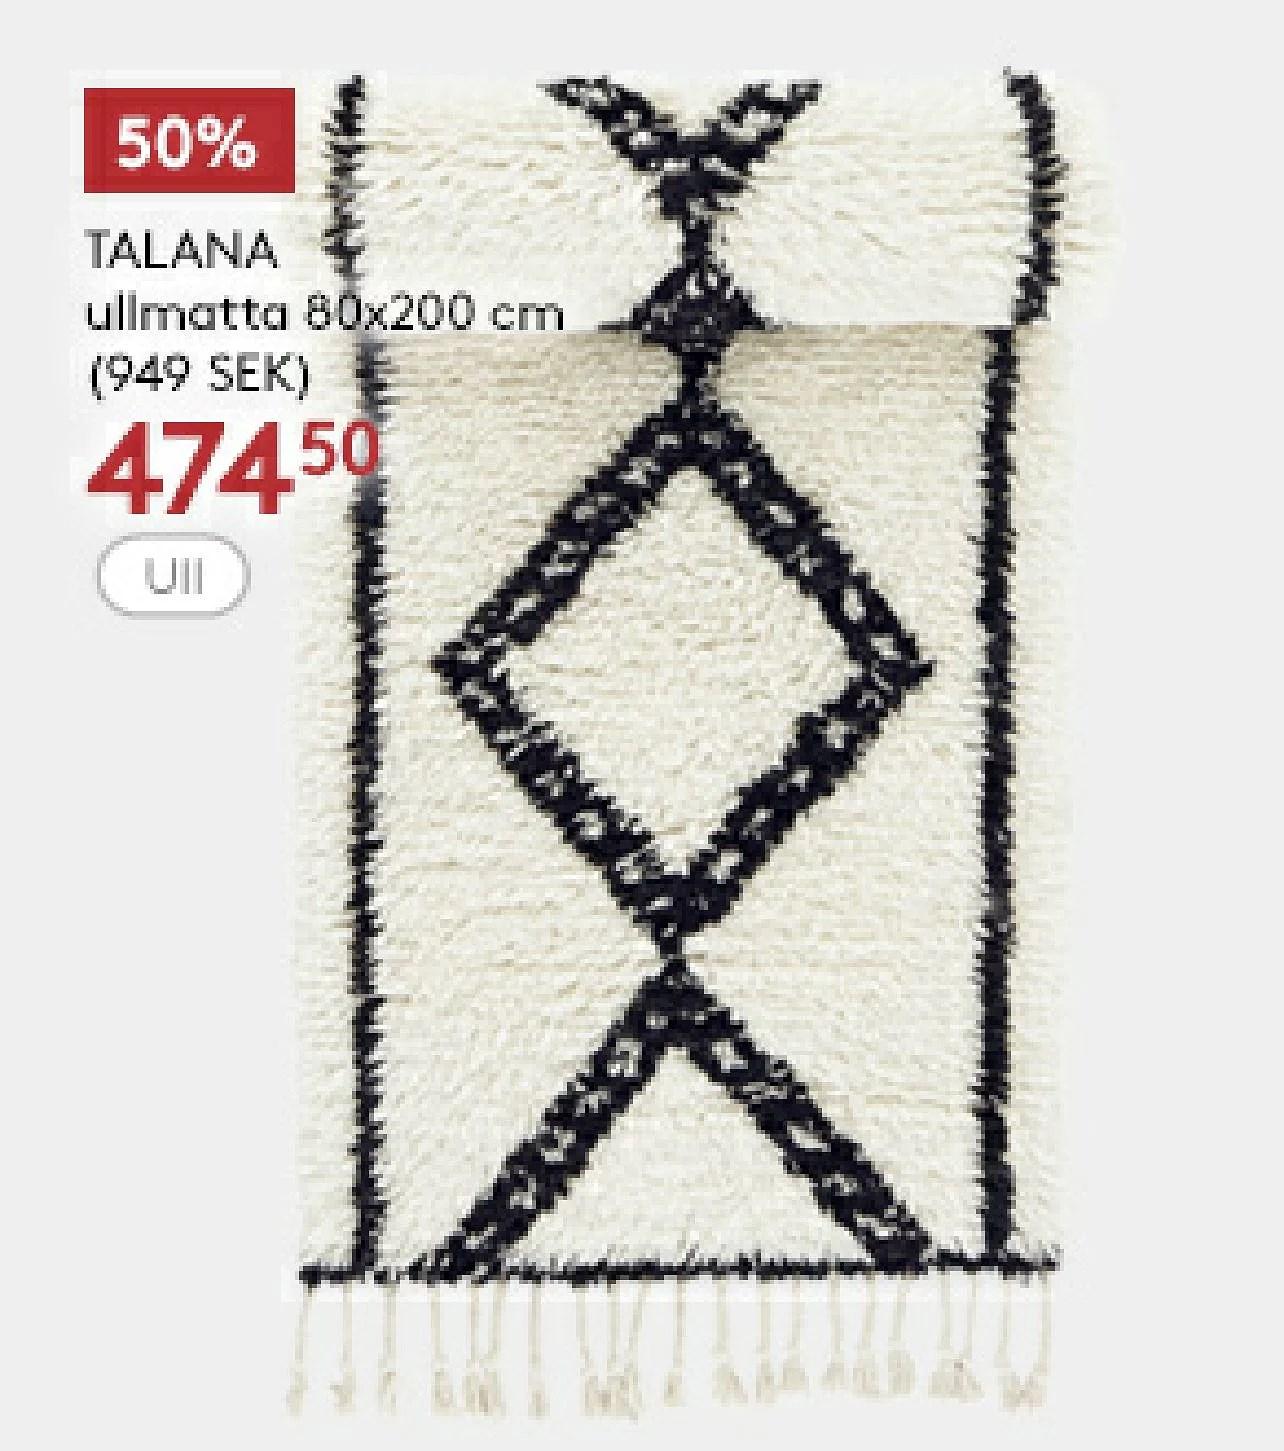 Jotex 50% på utvalda produkter